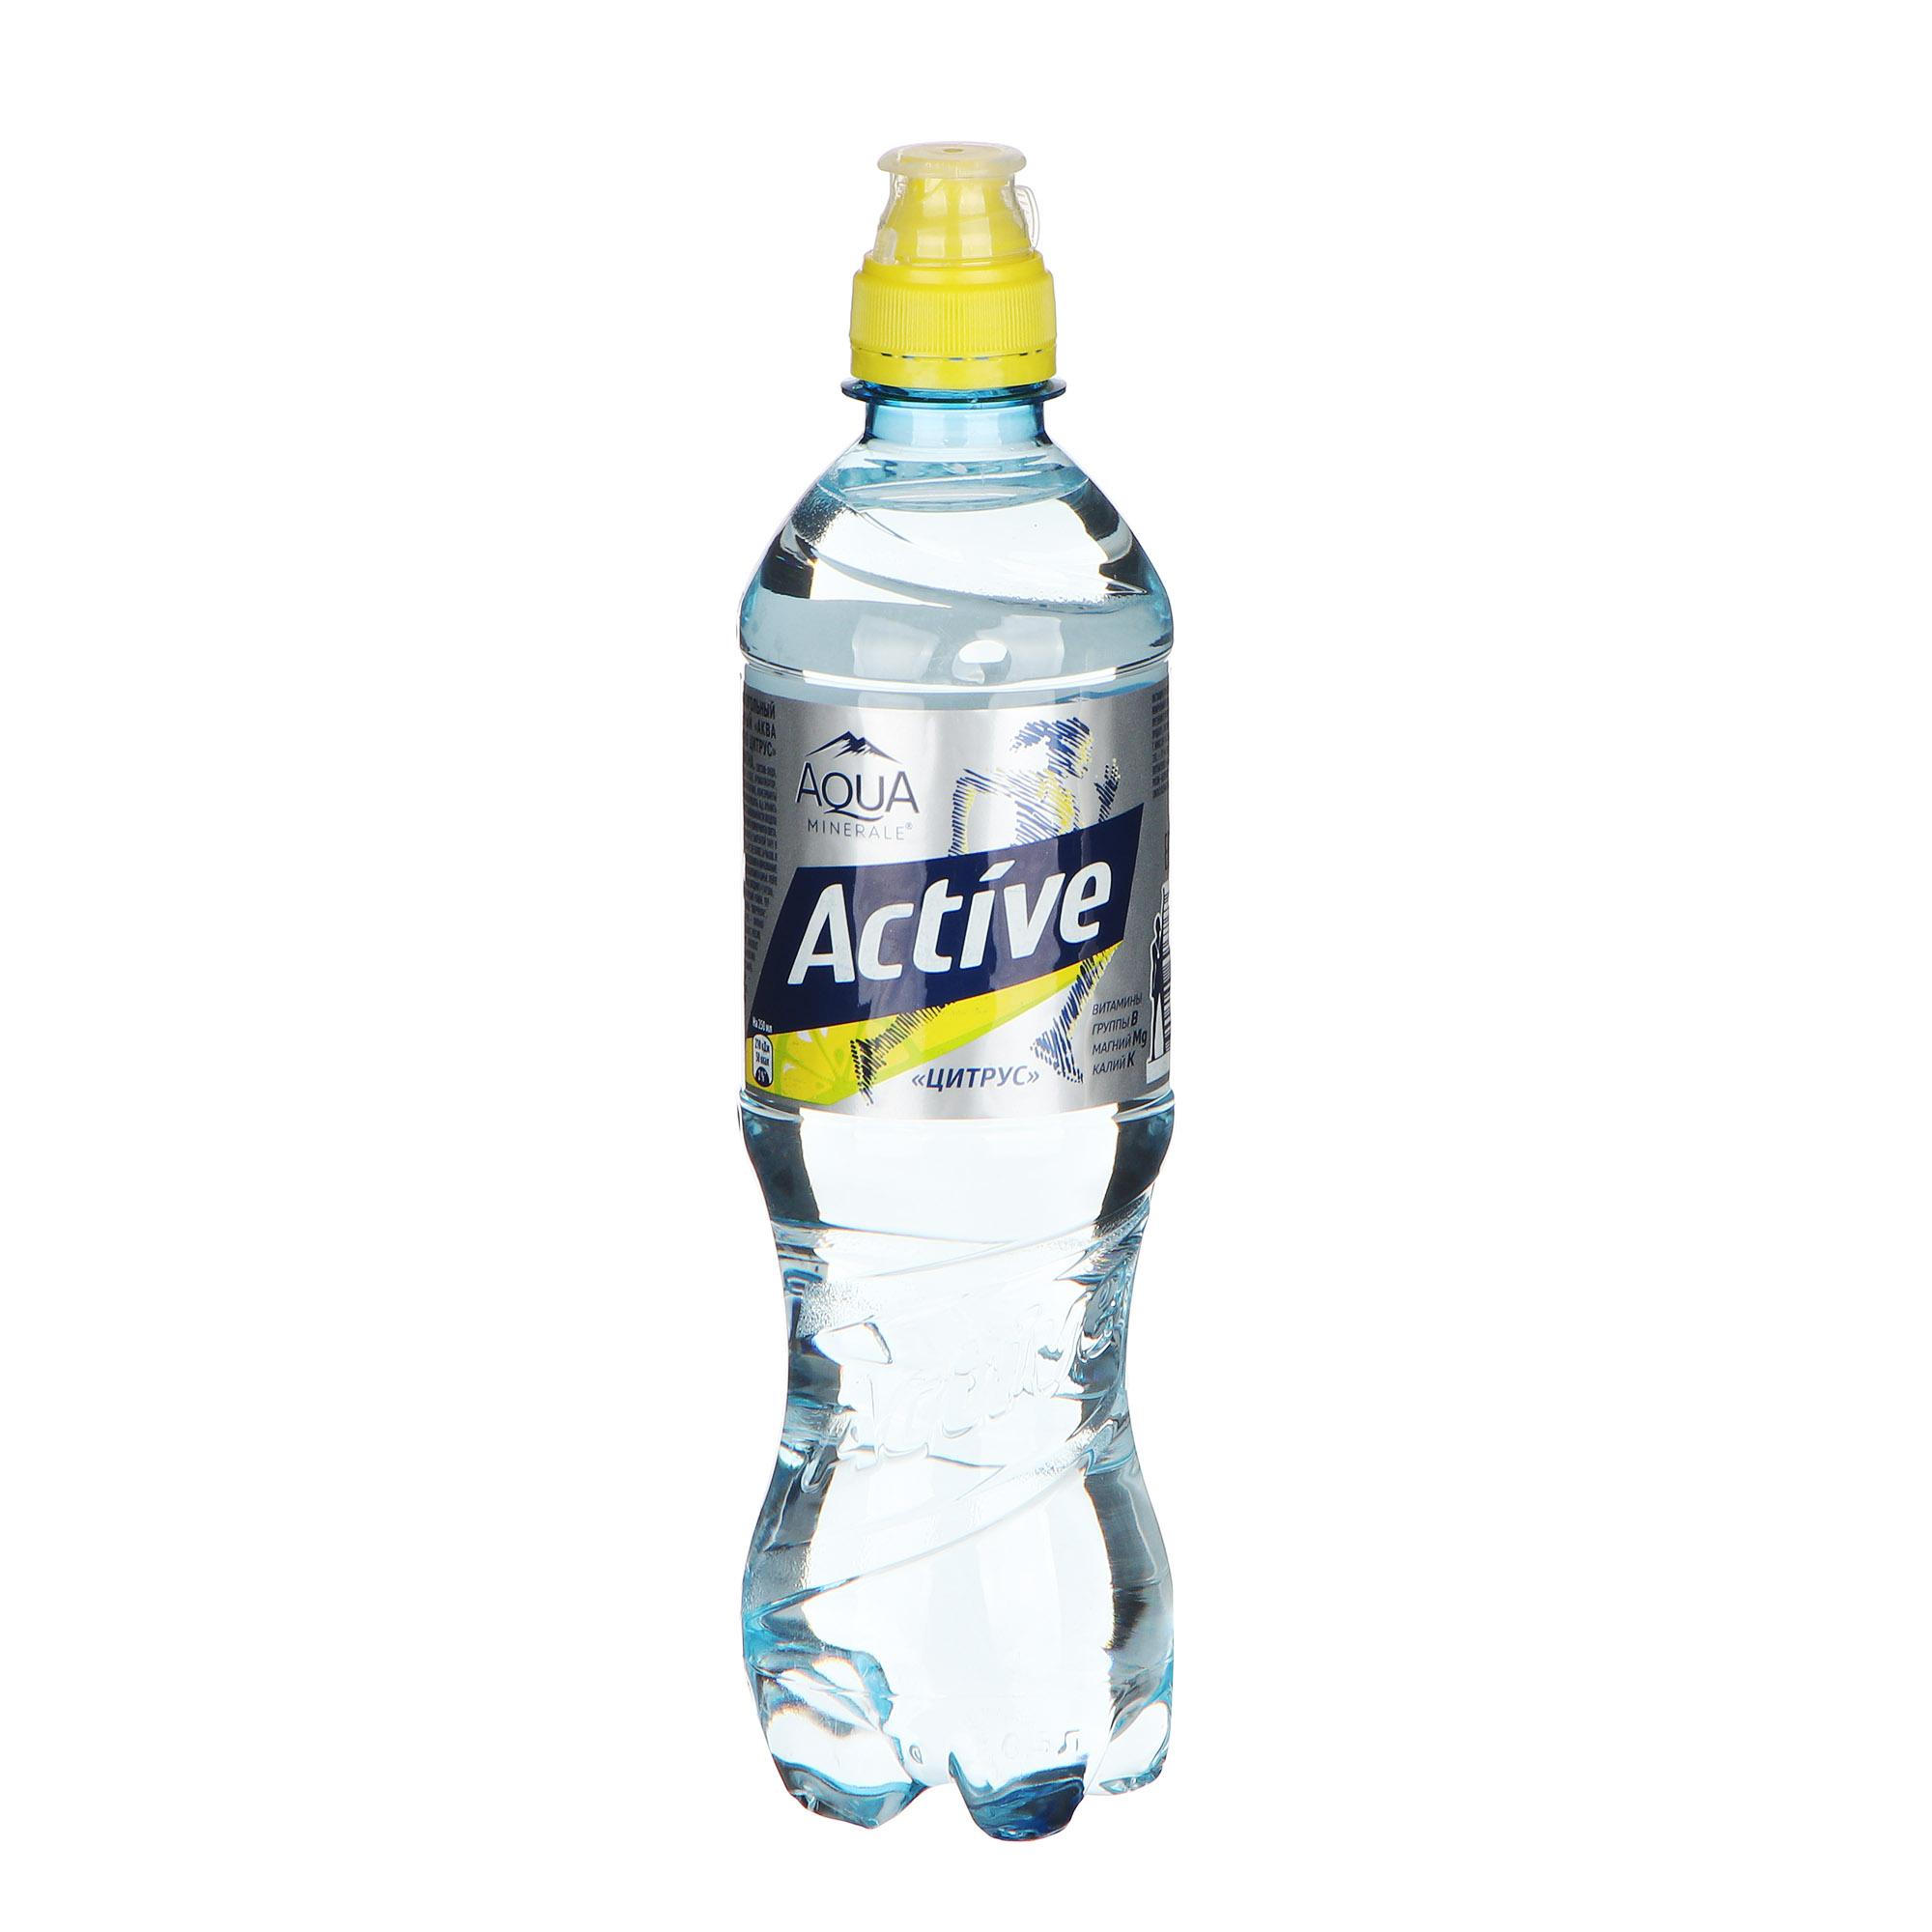 Фото - Вода Aqua Minerale Актив цитрус 0,5 л вода aqua minerale малина 500 мл